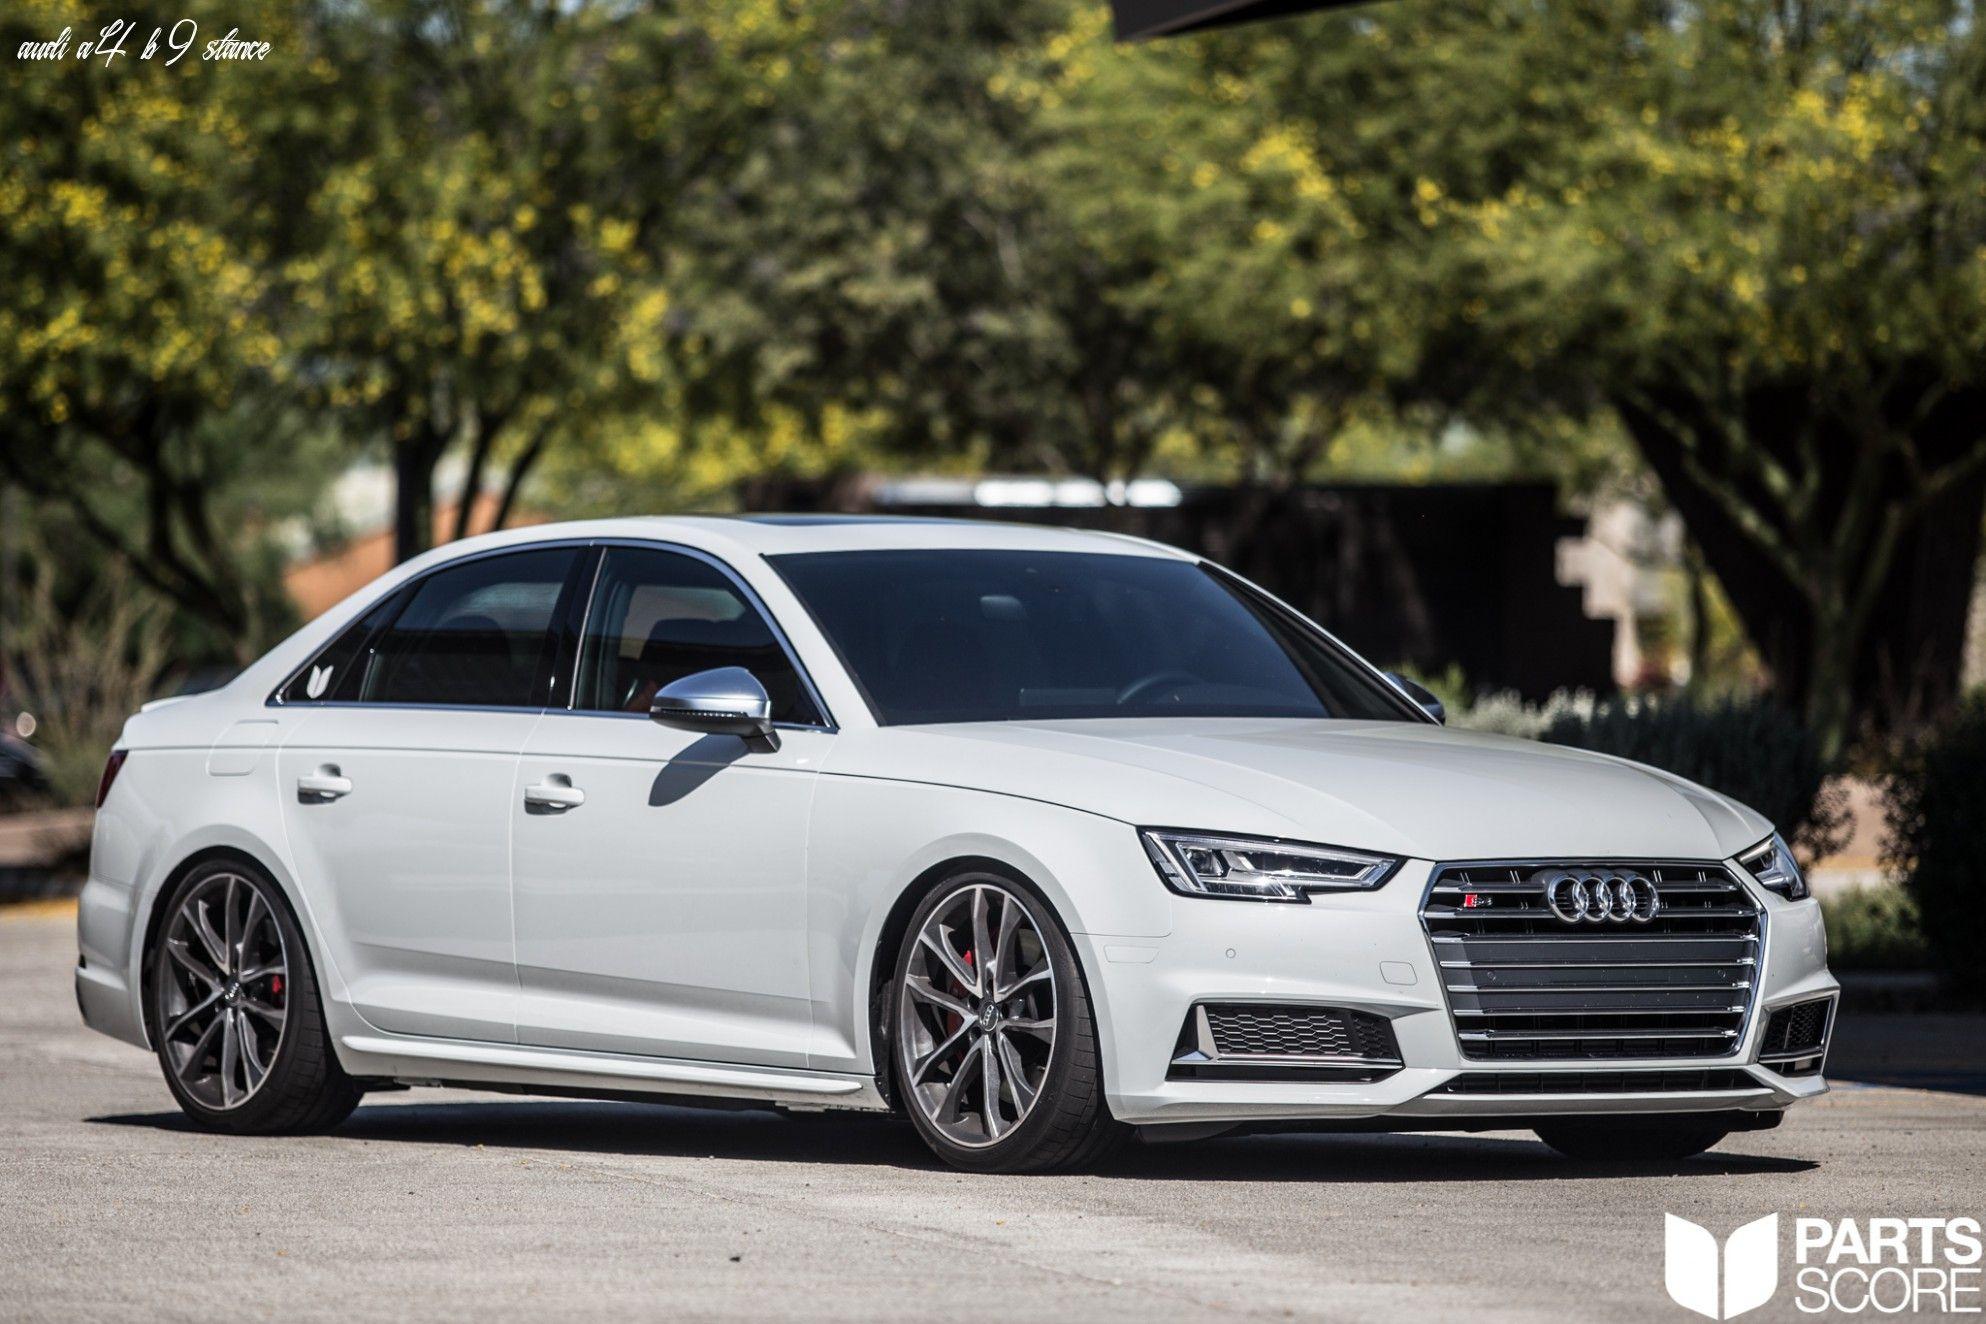 16 Audi B9 A4 Ideas In 2021 Audi Audi A4 Audi S4